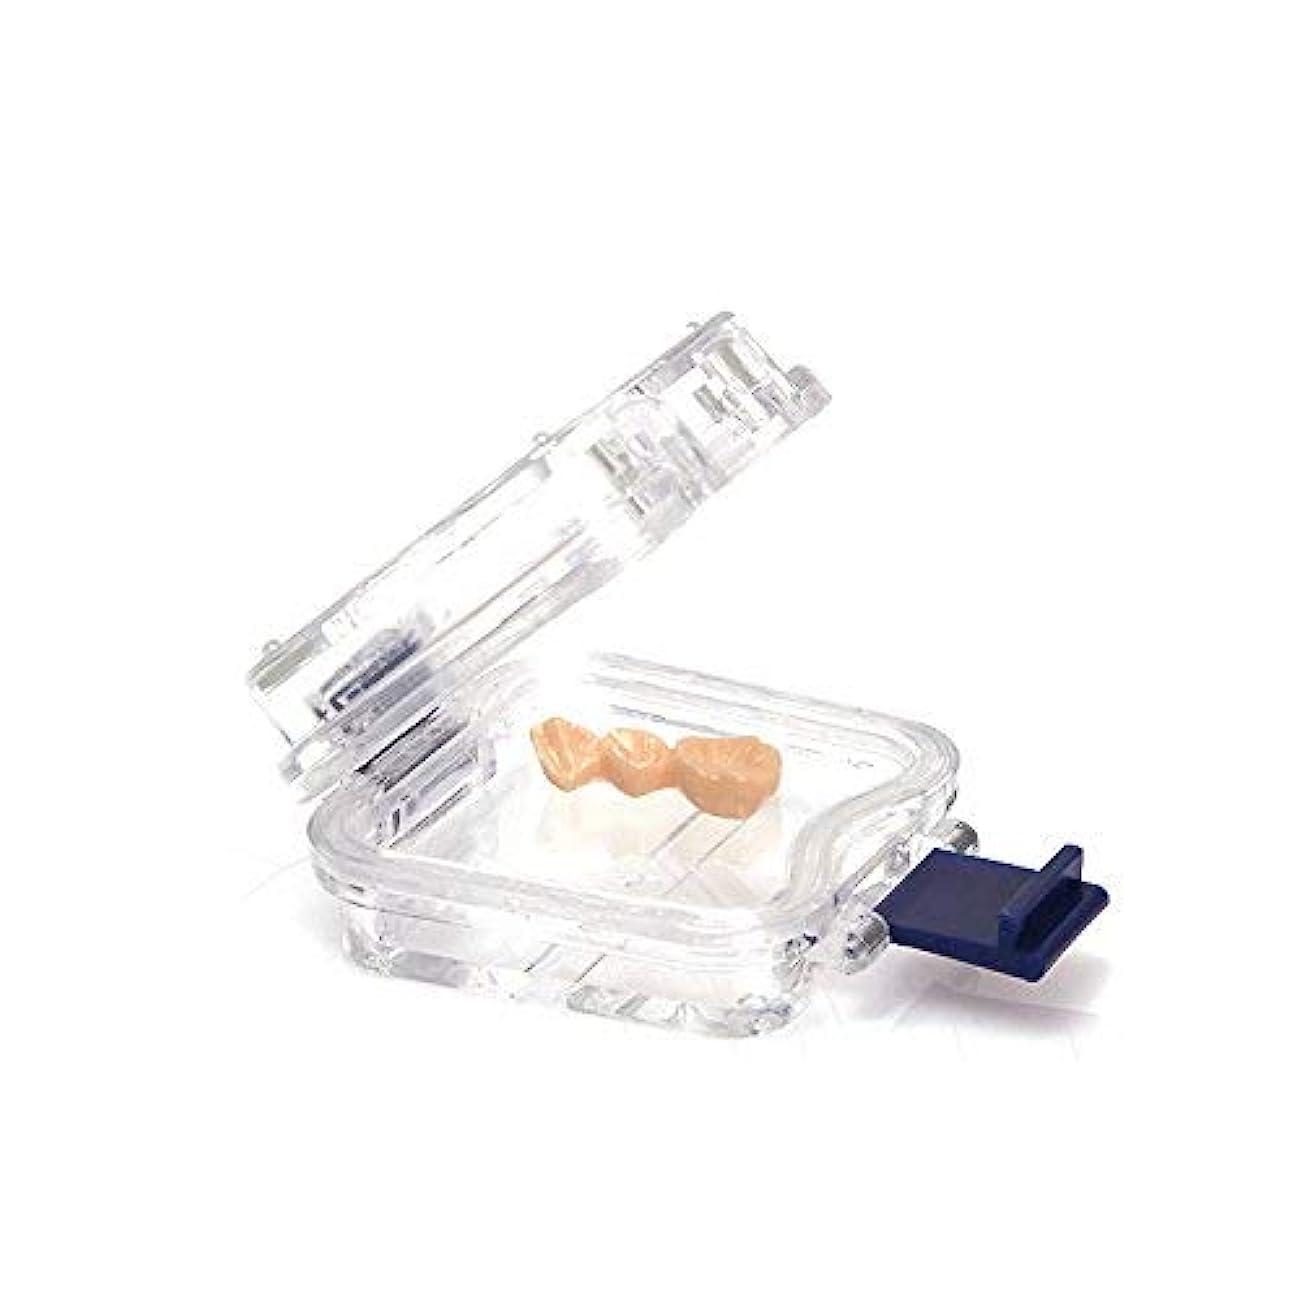 版影不公平入れ歯ケース膜付き 5pcs/lot 義歯ケース 防振入れ歯ケース 小サイズ Annhua